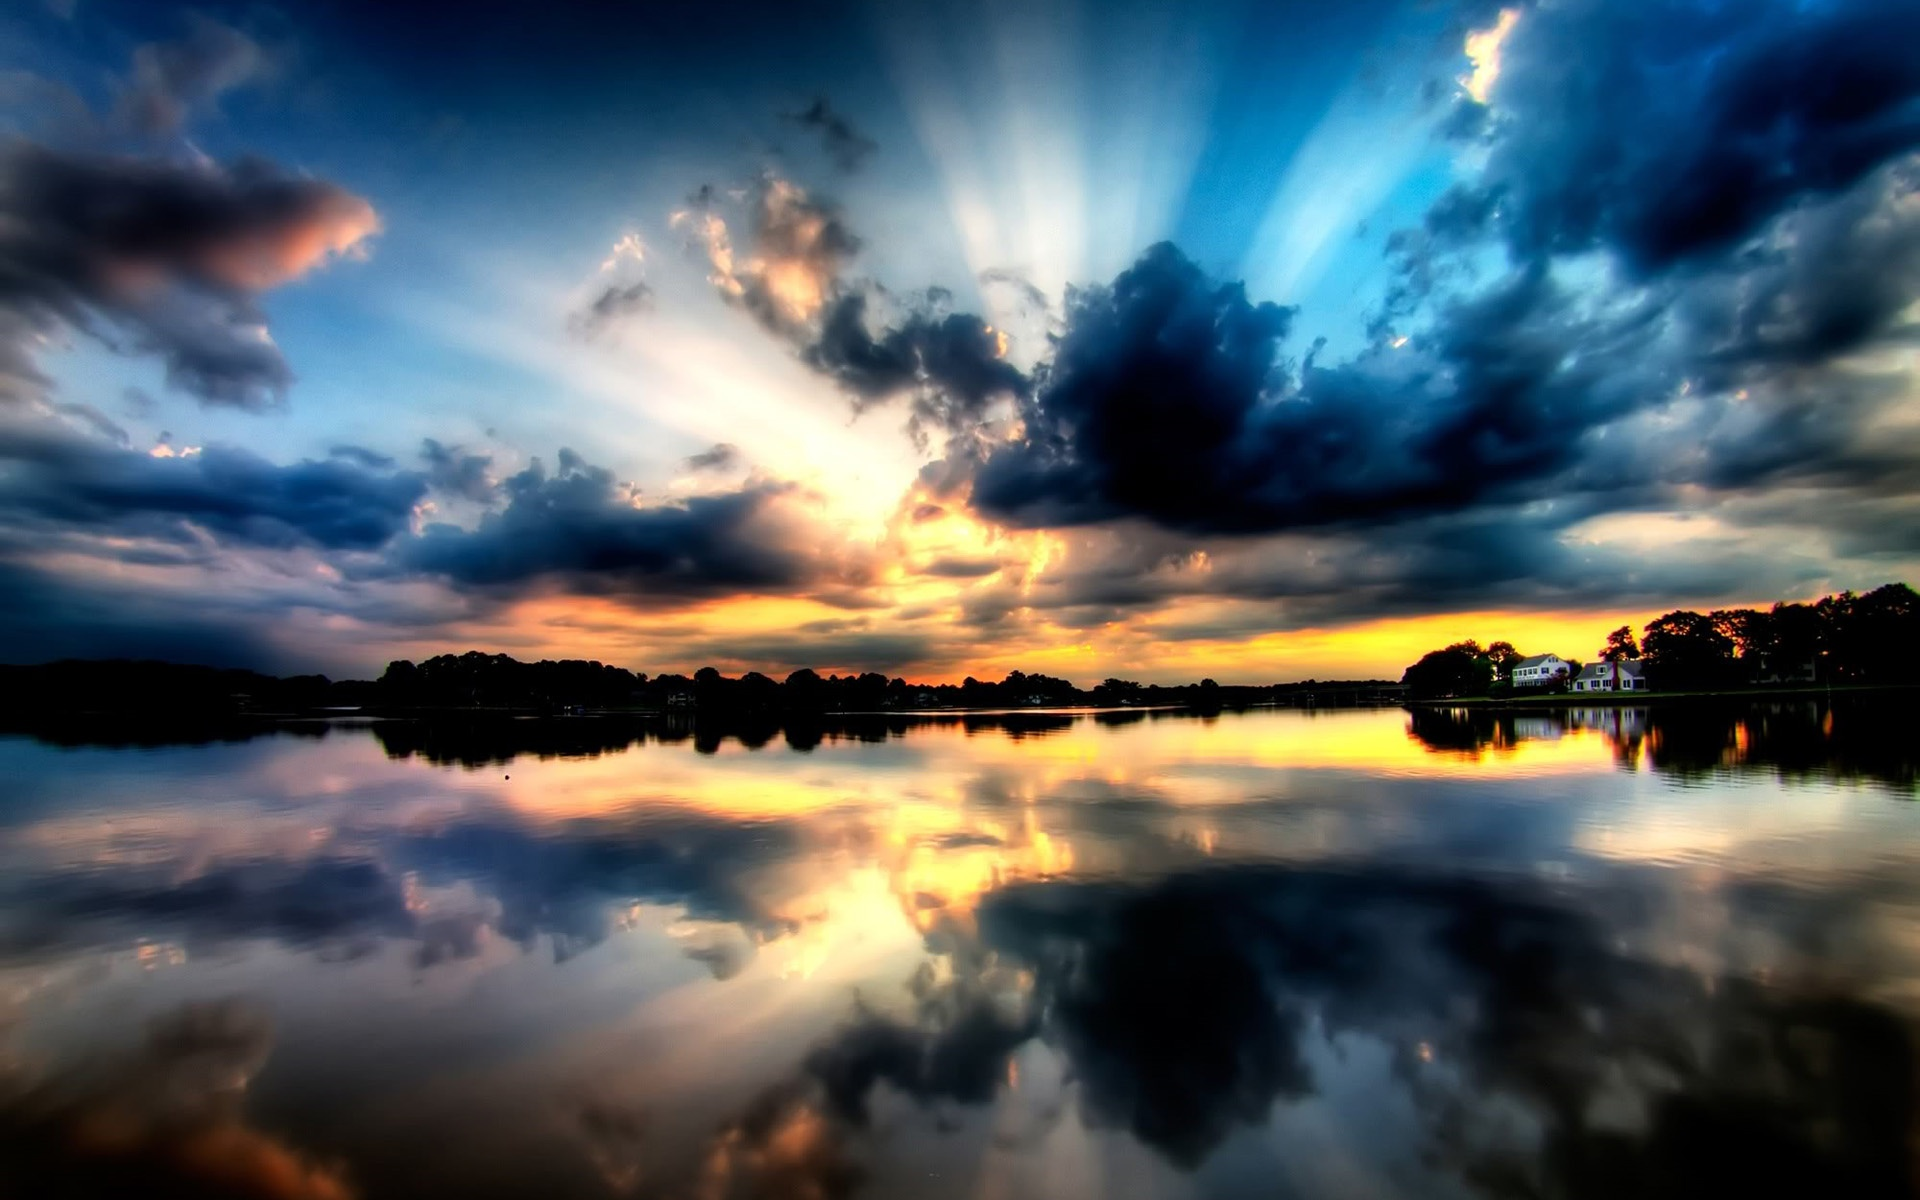 壁紙 美しい夕焼け 壁紙 1920x1200 壁紙 夕焼け空 と 夕日